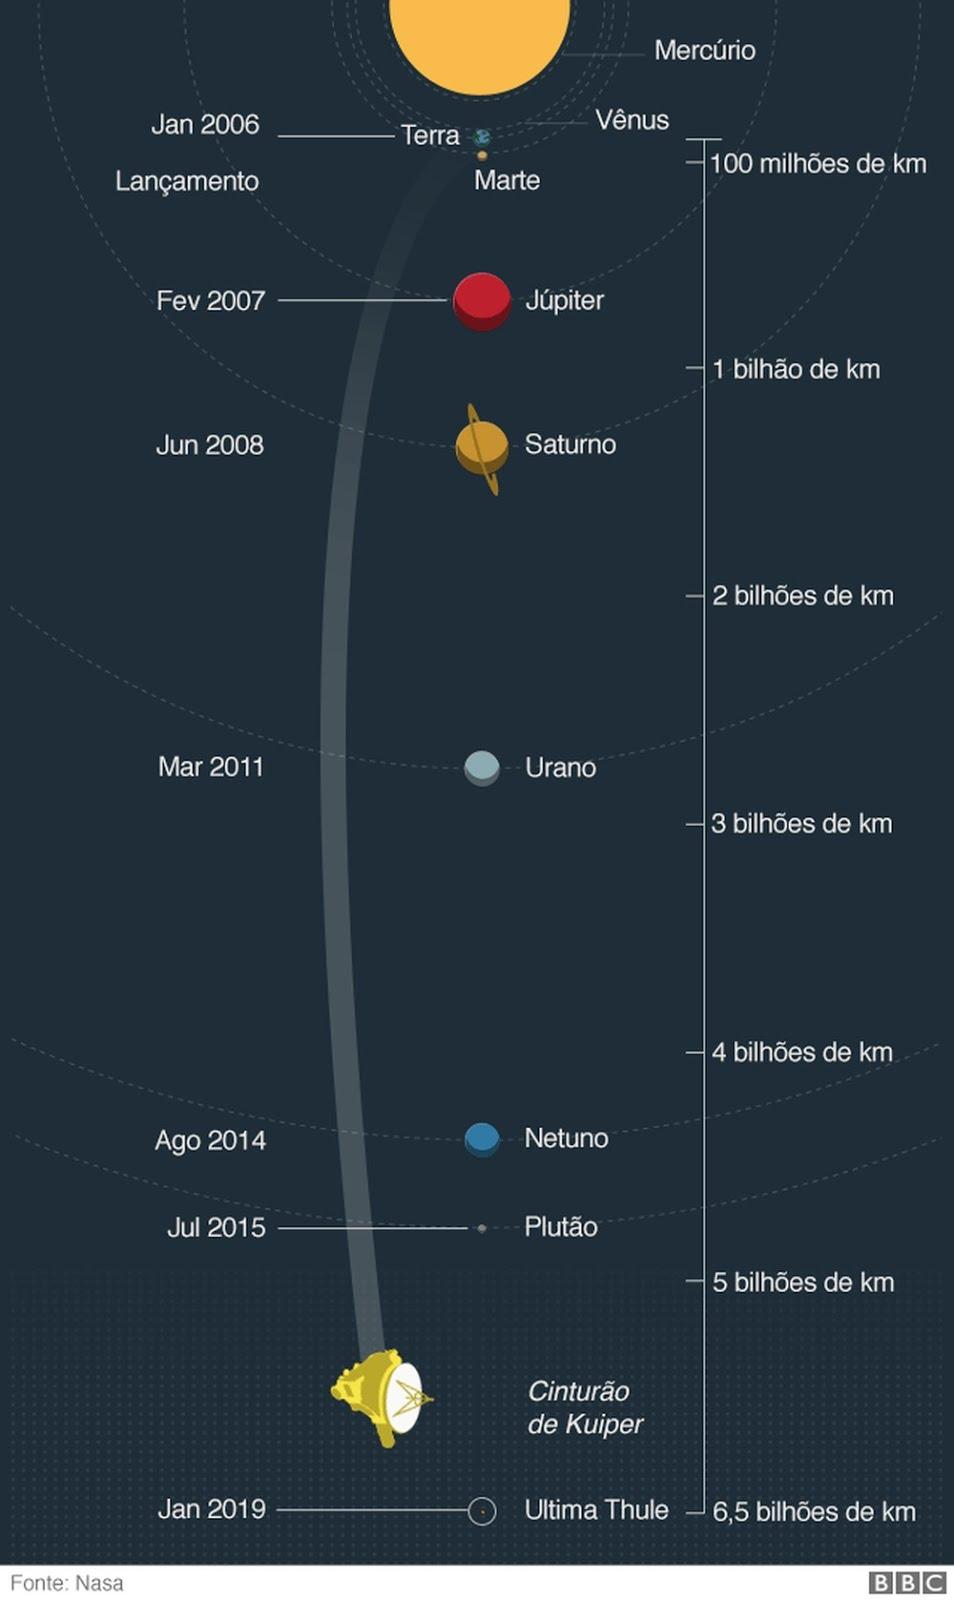 Ultima Thule - News Horizons viaja mais de 6,5 bilhões de quilômetros